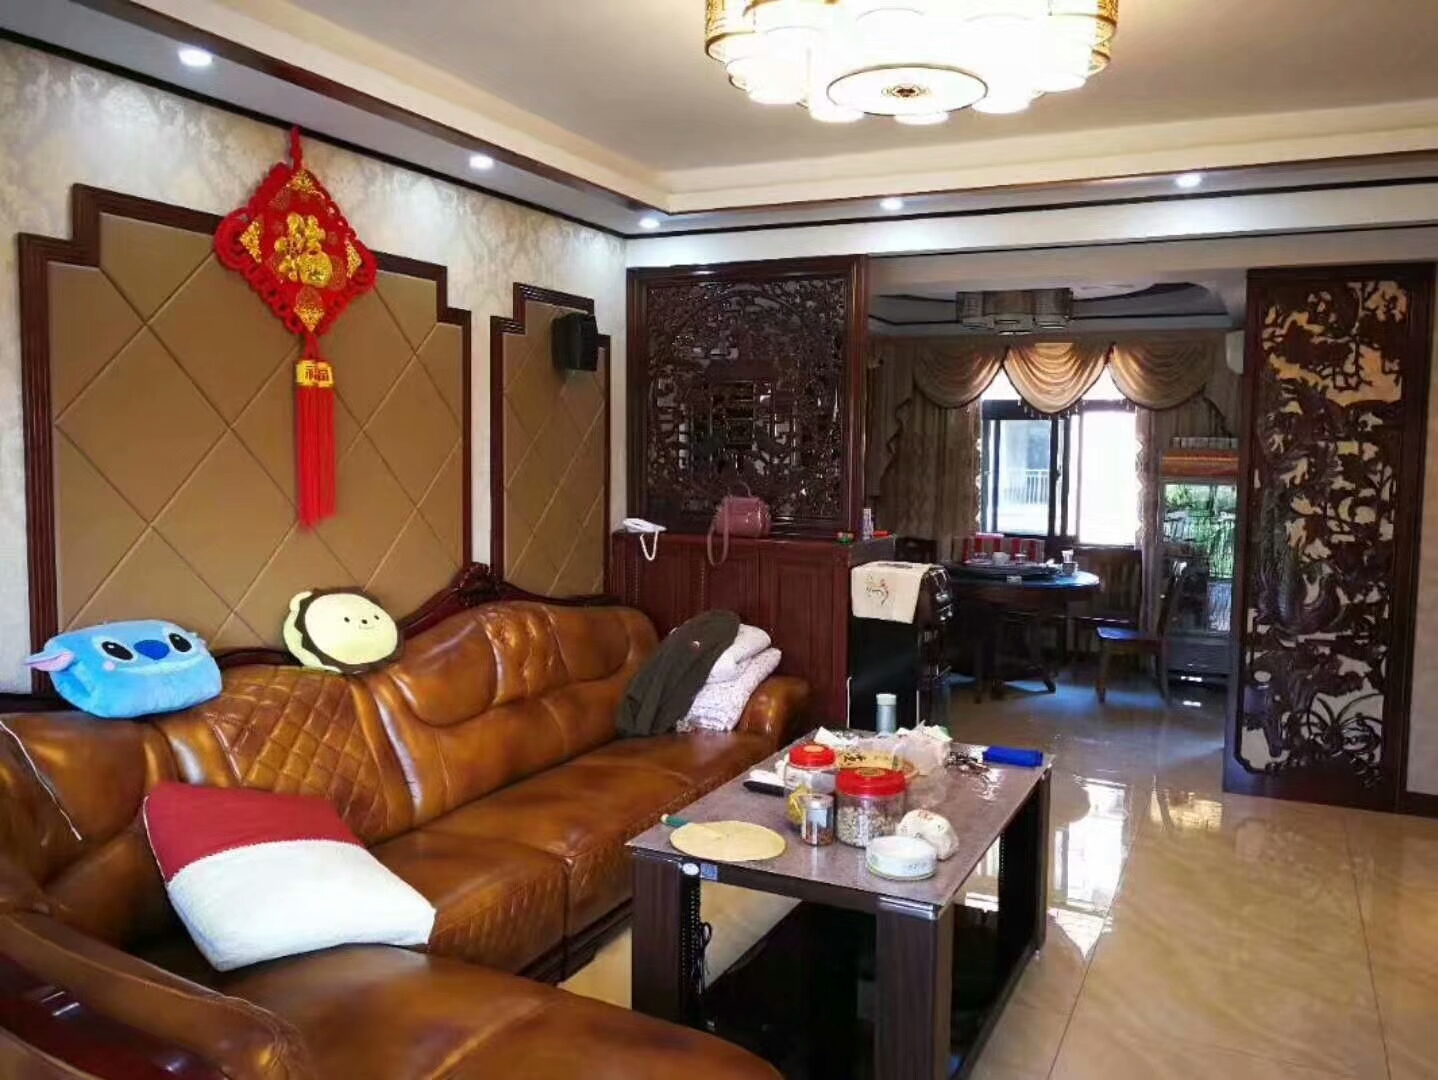 嘉华城4室2厅2卫124.8万元